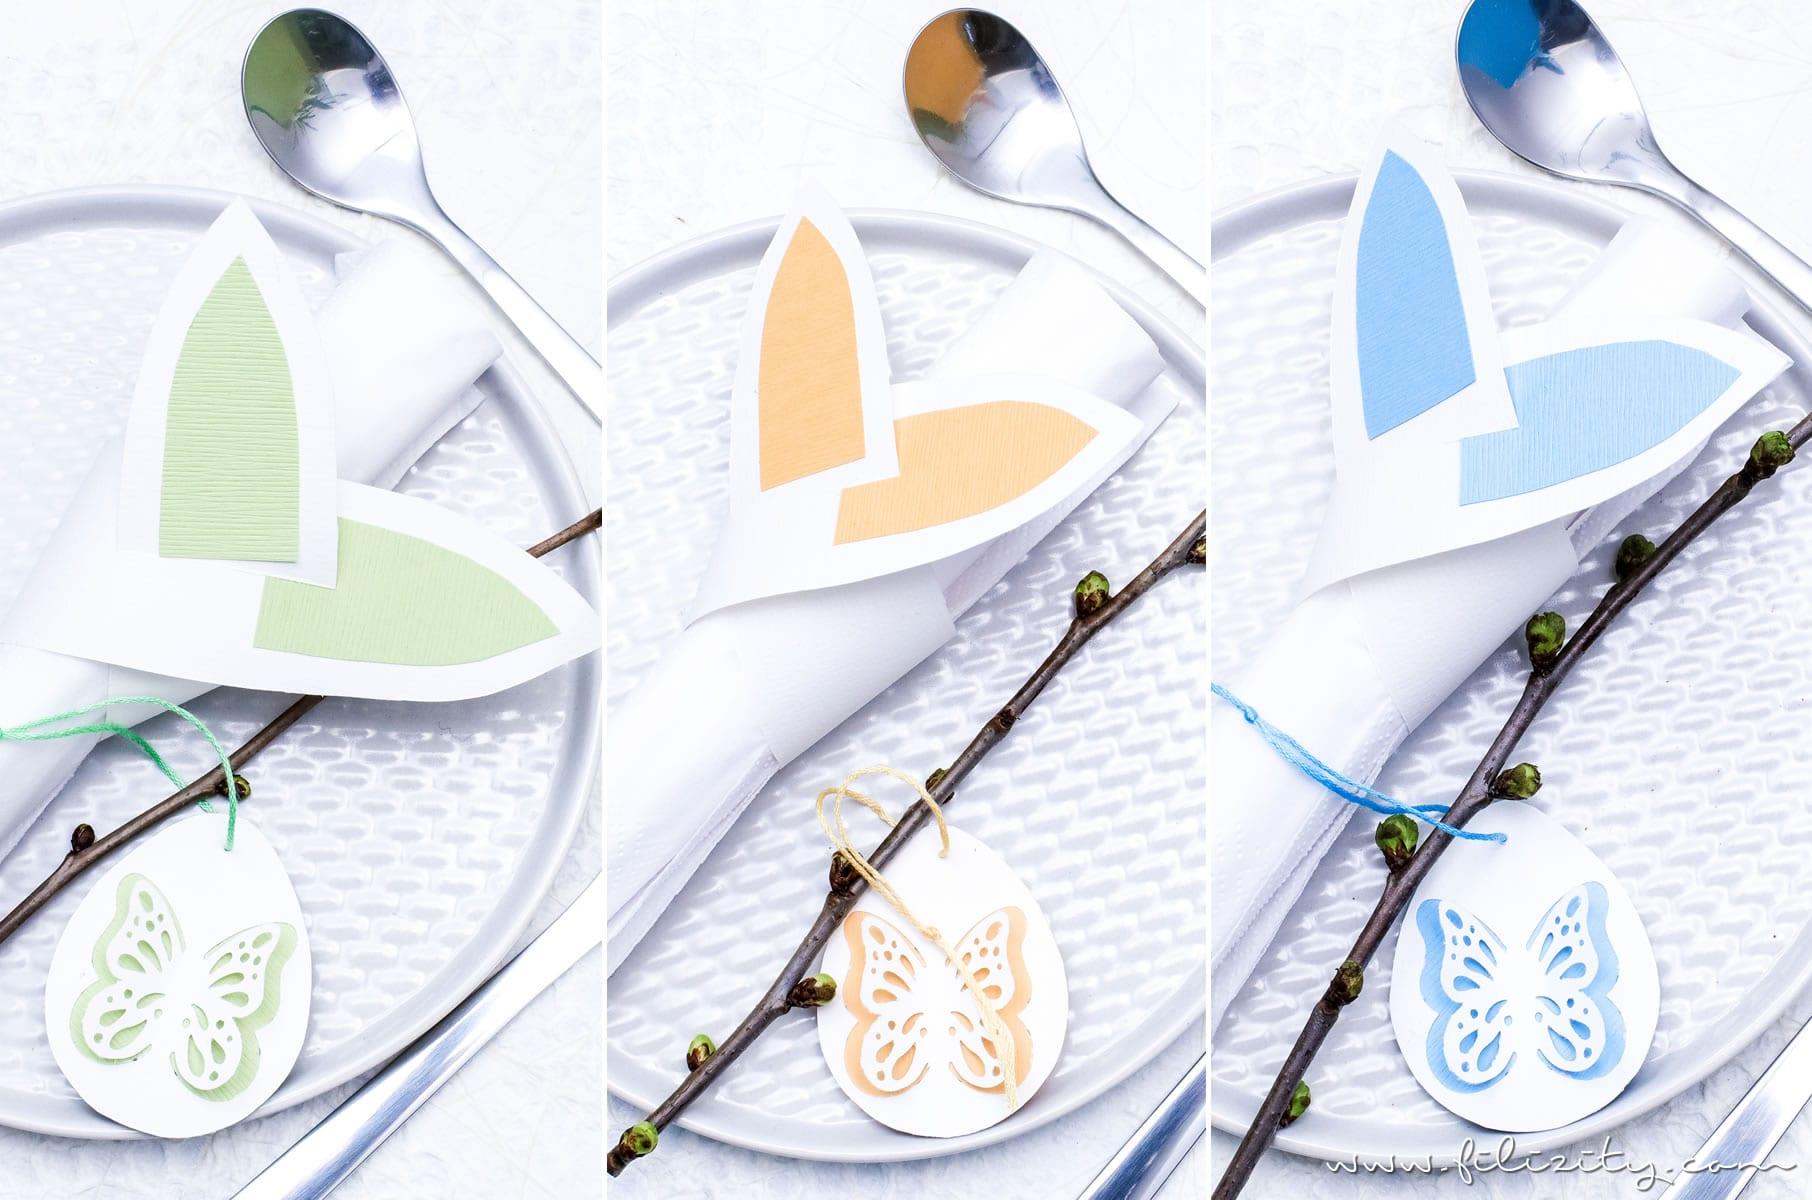 Papier Selber Machen osterei anhänger mit cutouts osterkorb serviettenringe mit